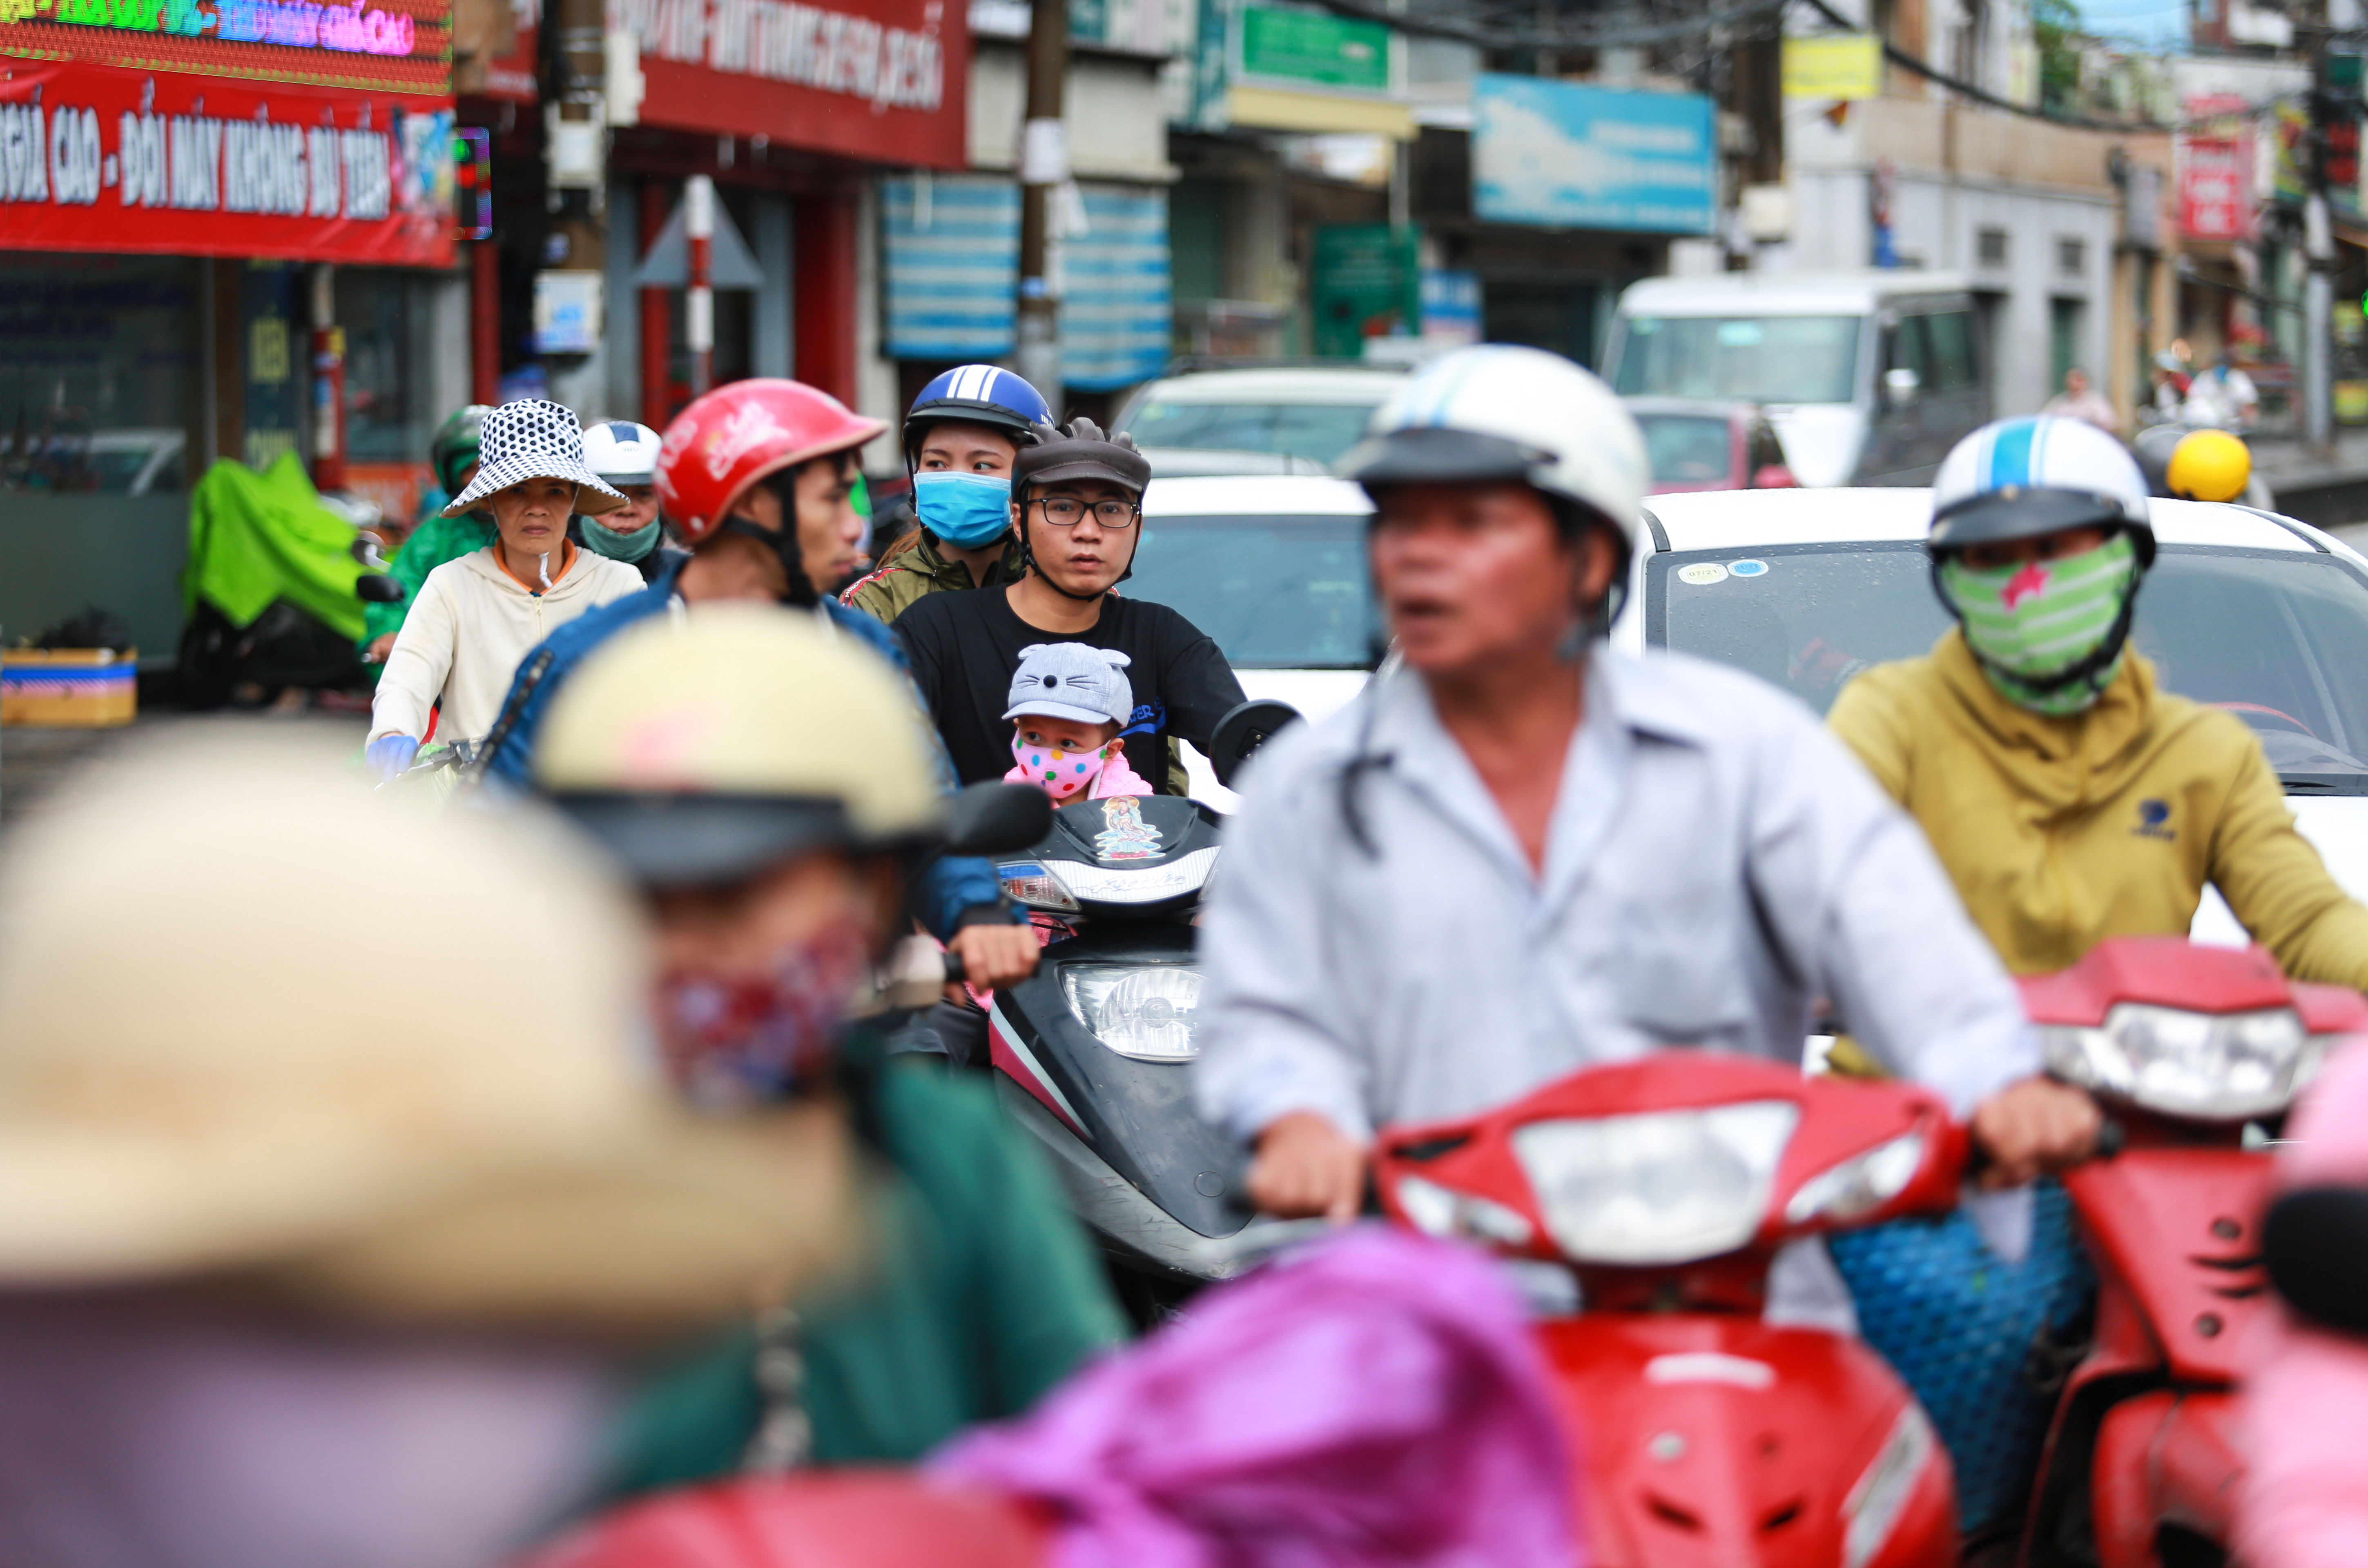 [ẢNH] Nước chảy xiết kéo nhiều xe máy đổ nhào giữa phố Sài Gòn, người dân dắt bộ cho an toàn - Ảnh 12.